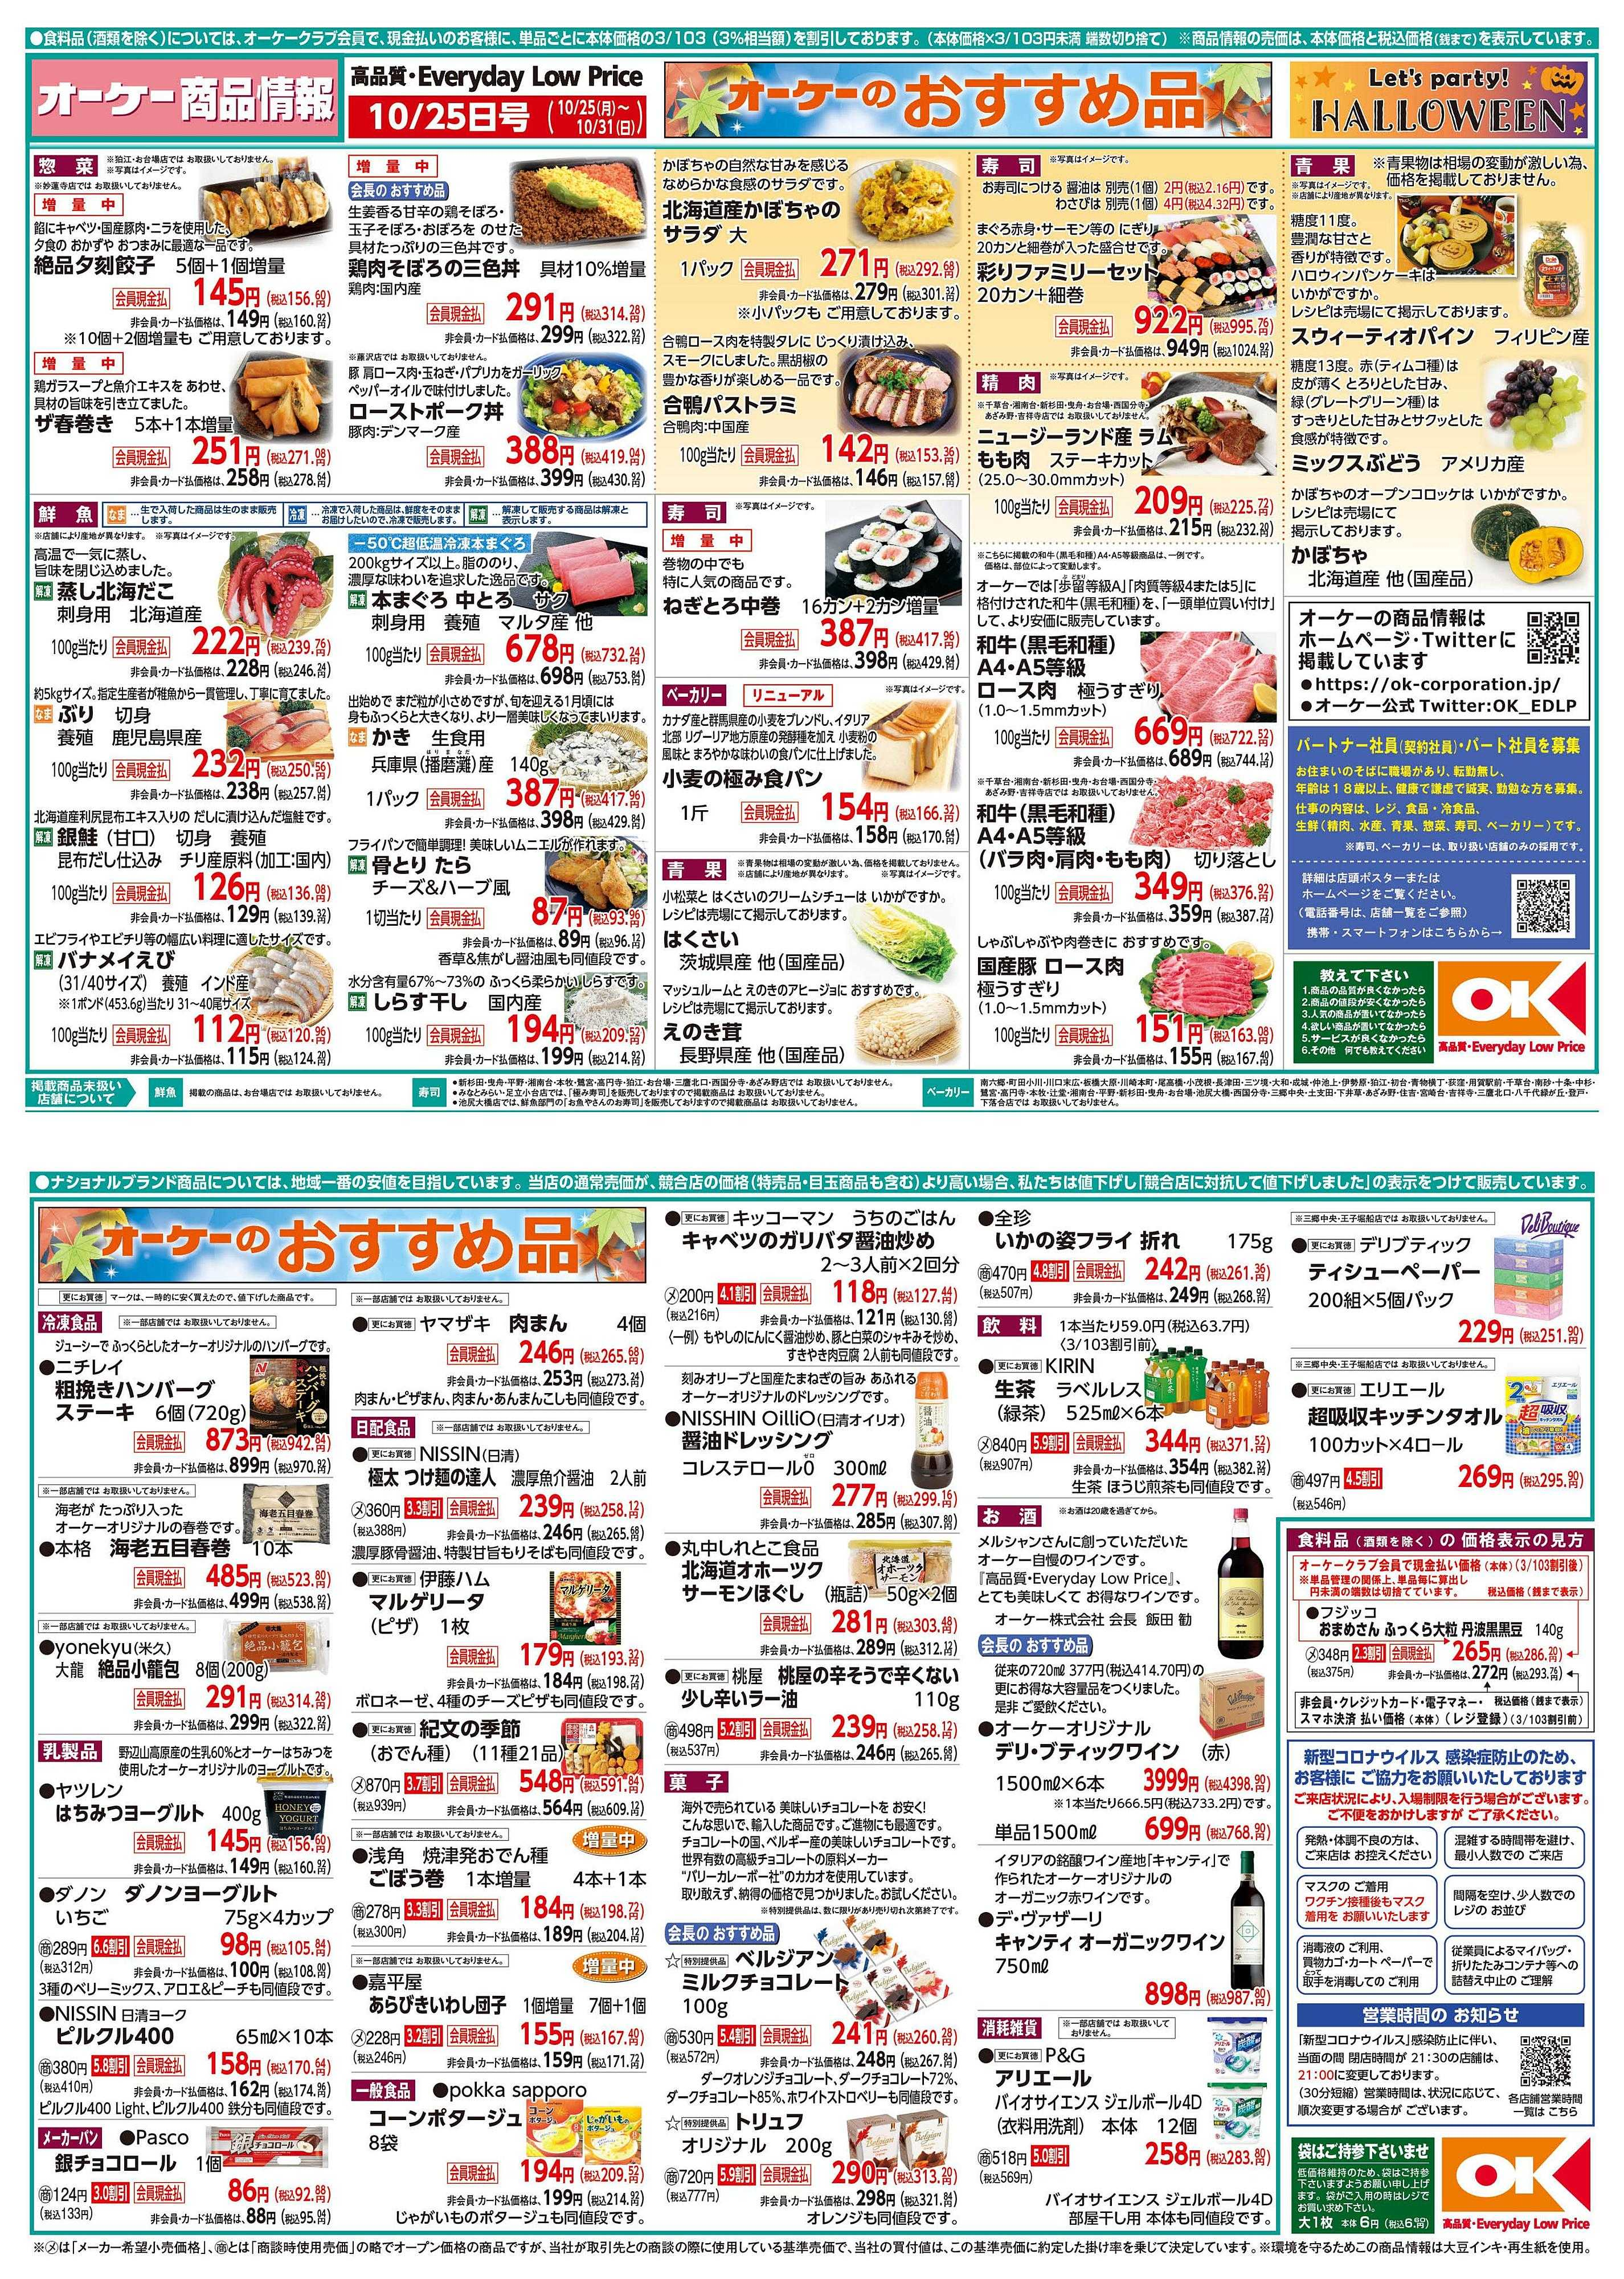 オーケー 商品情報紙10月25日号